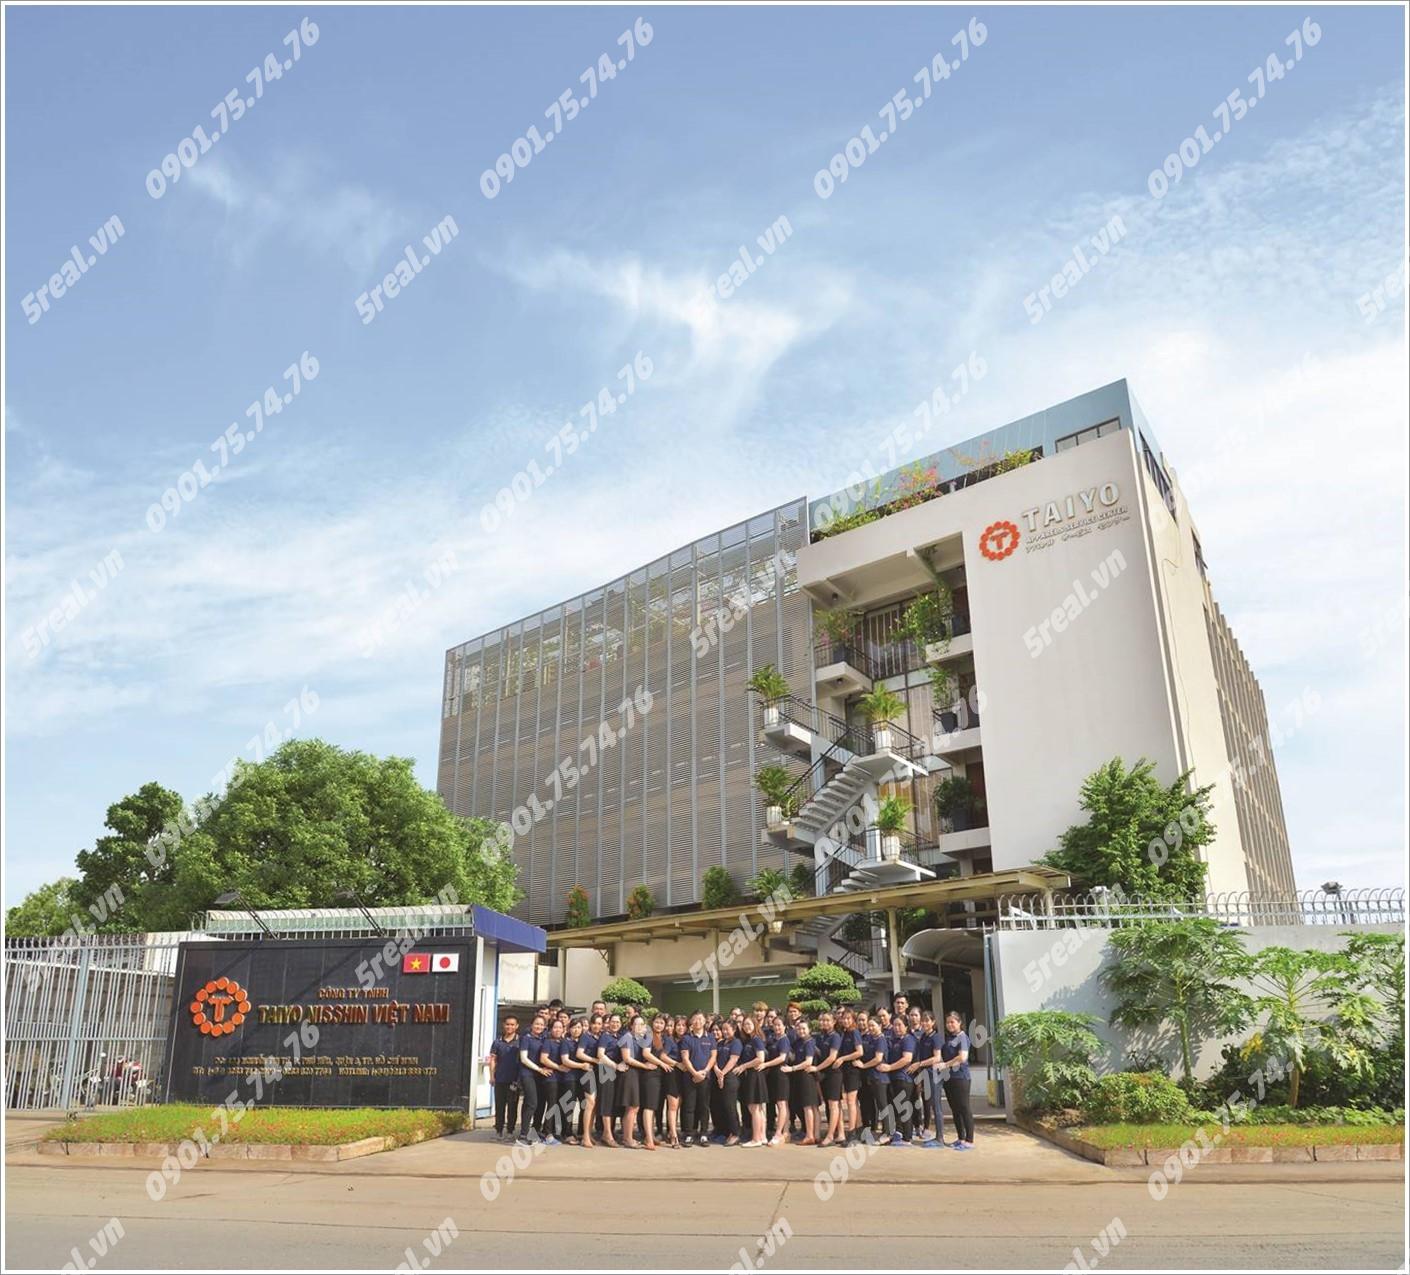 taiyo-building-nguyen-thi-tu-quan-9-van-phong-cho-thue-tphcm-5real.vn-01